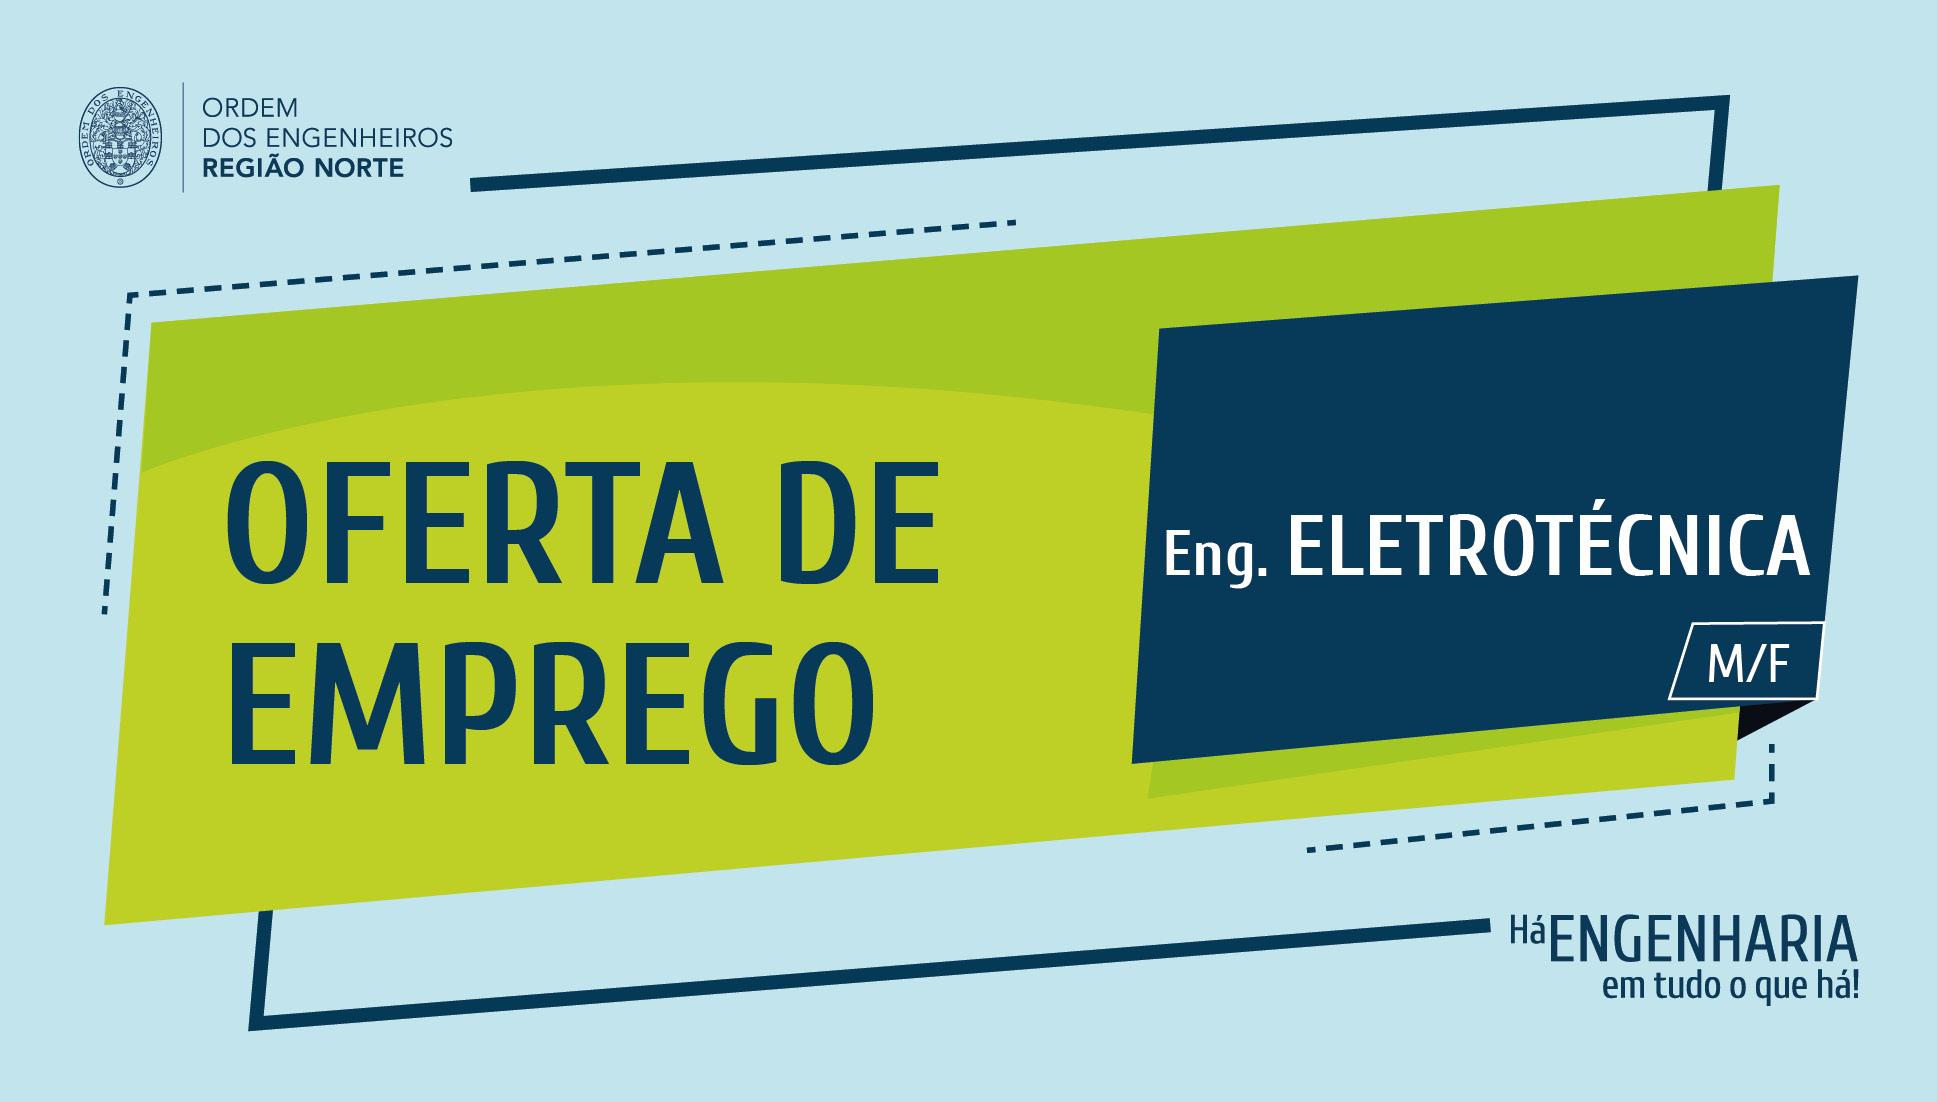 Plataforma Notícias Ordem Engenheiros Região Norte - [Emprego] Grupo ACA recruta engenheiro/a